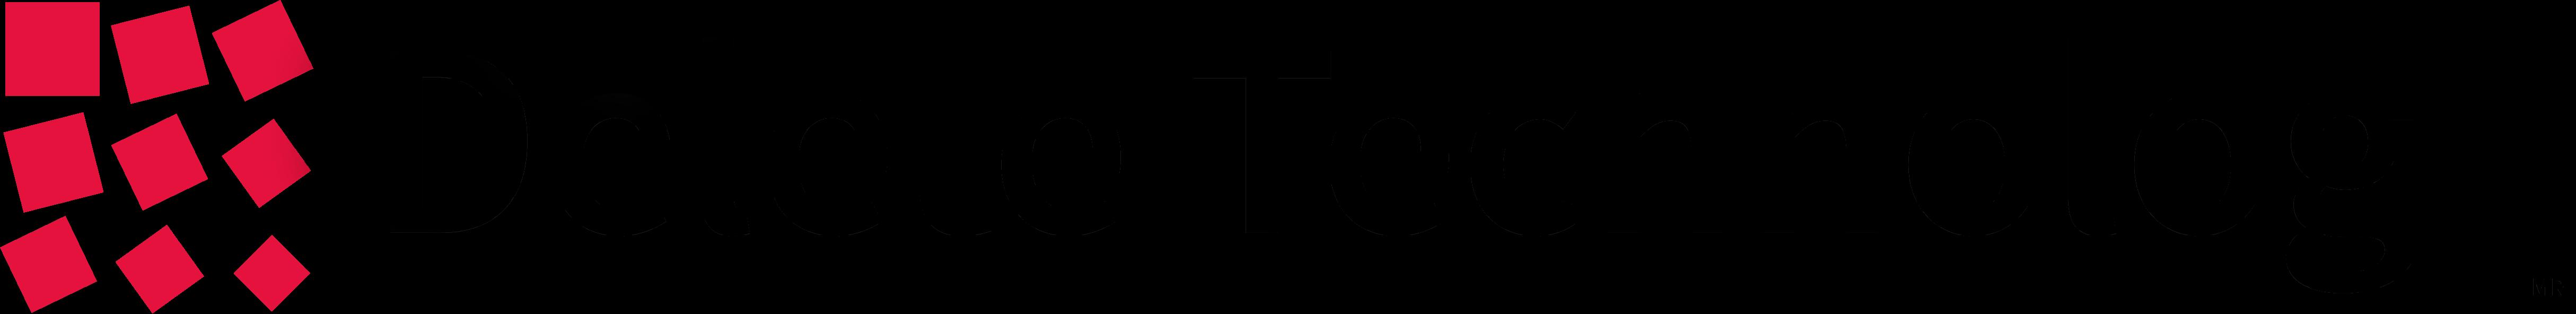 delete_institucional_logo